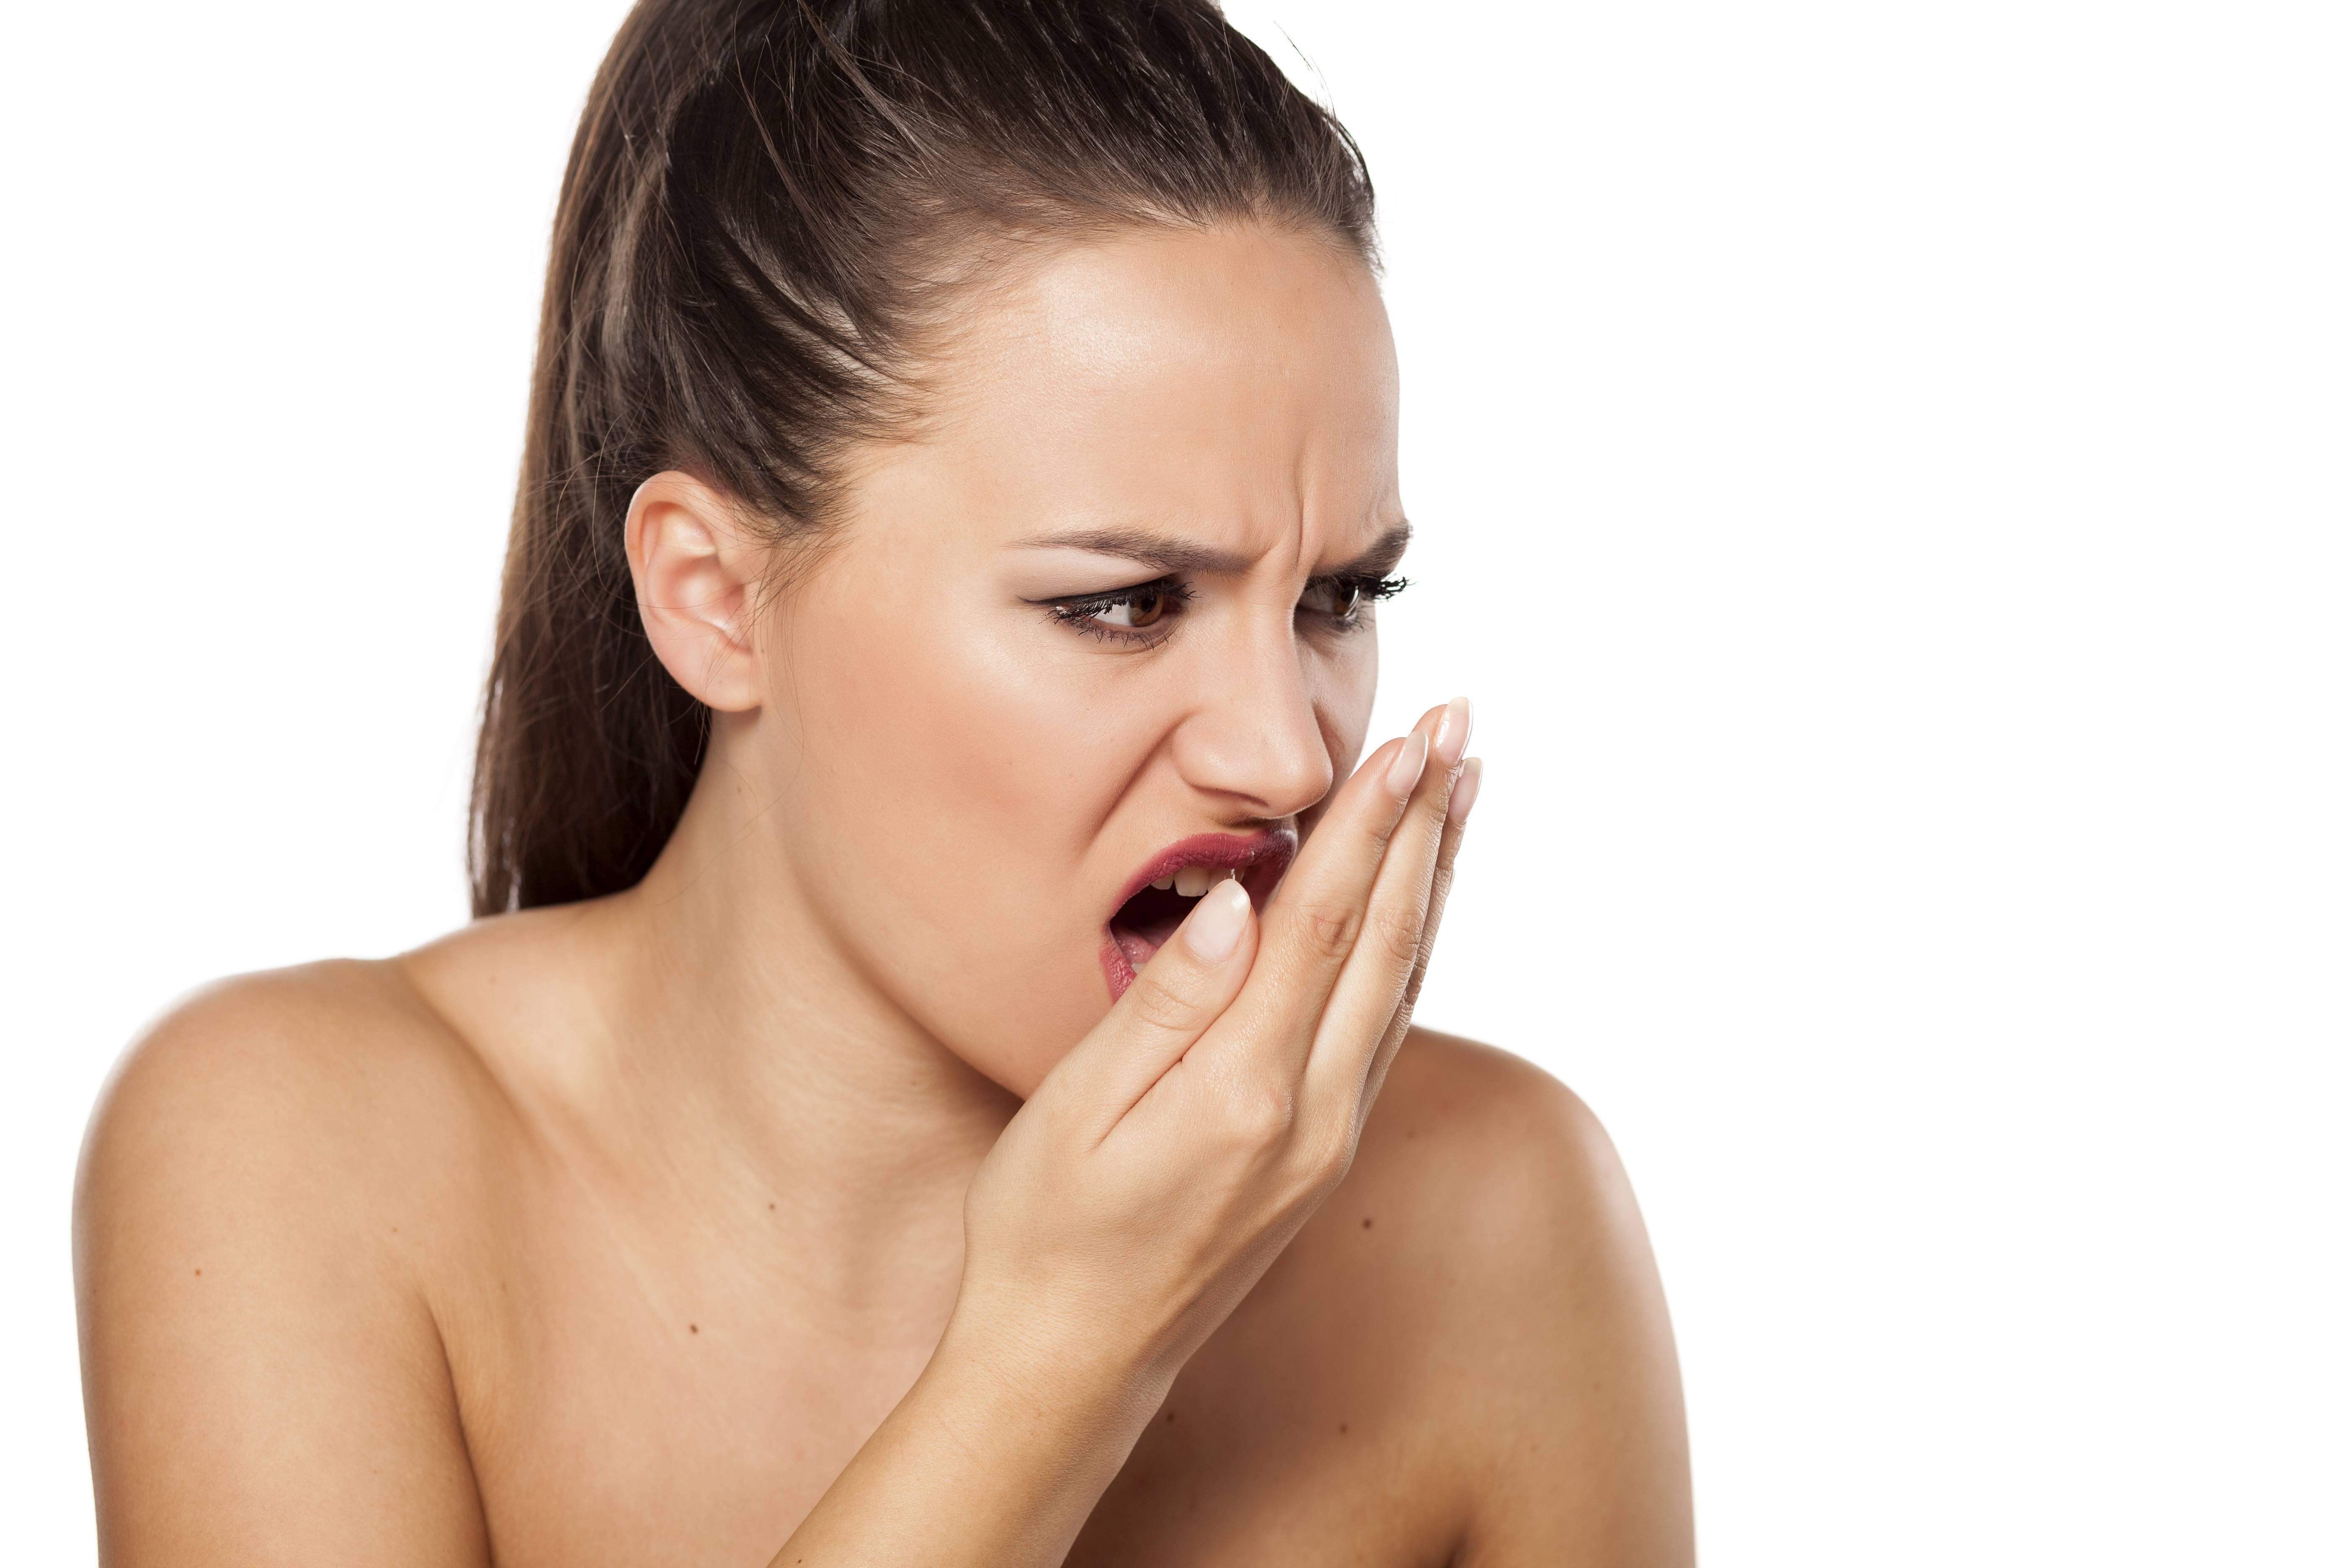 Причины и лечение запаха изо рта из-за печени